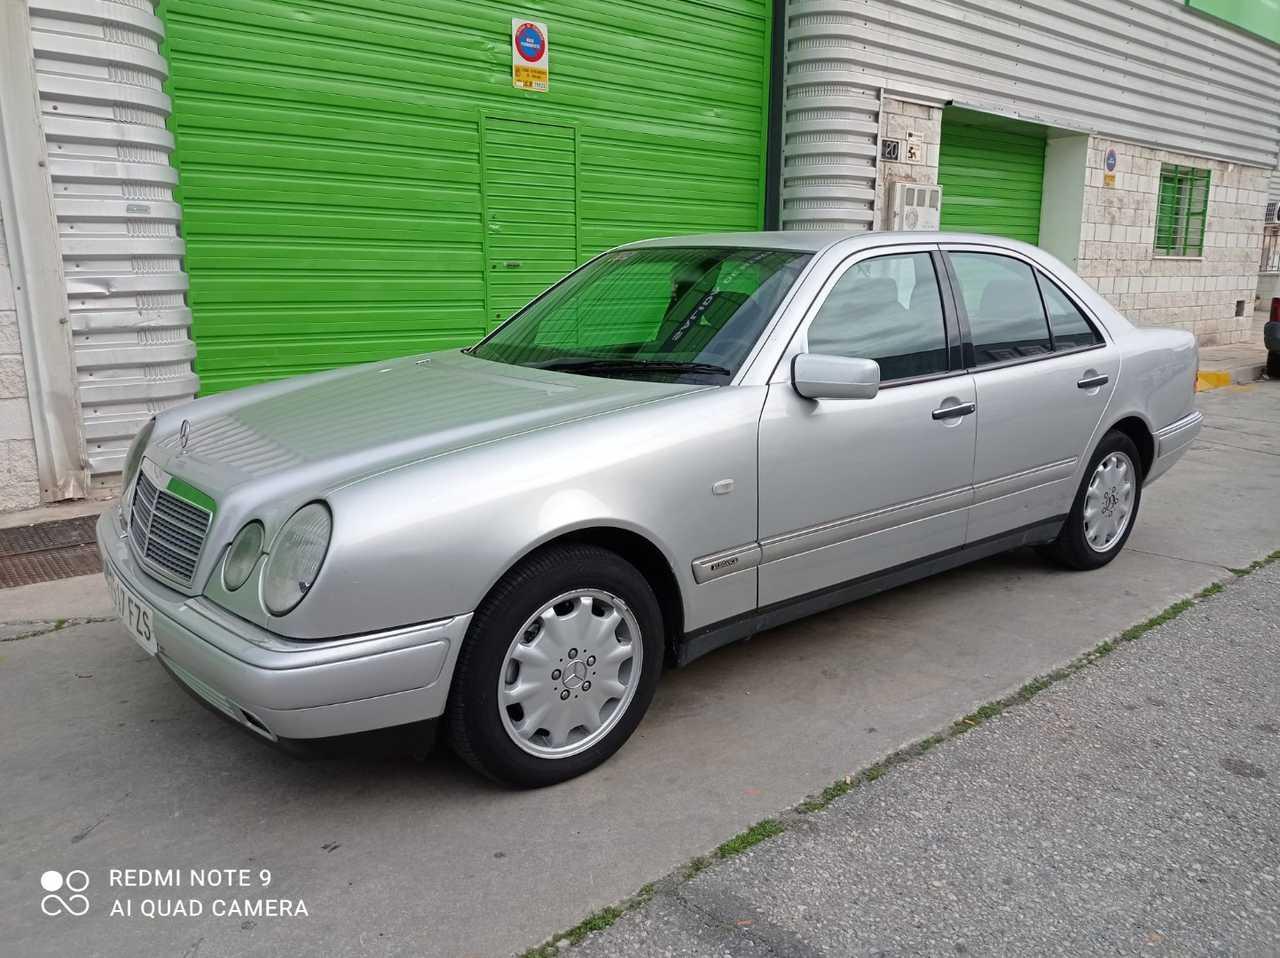 Mercedes Benz Clase E ocasión segunda mano 2000 Diésel por 3.200€ en Málaga